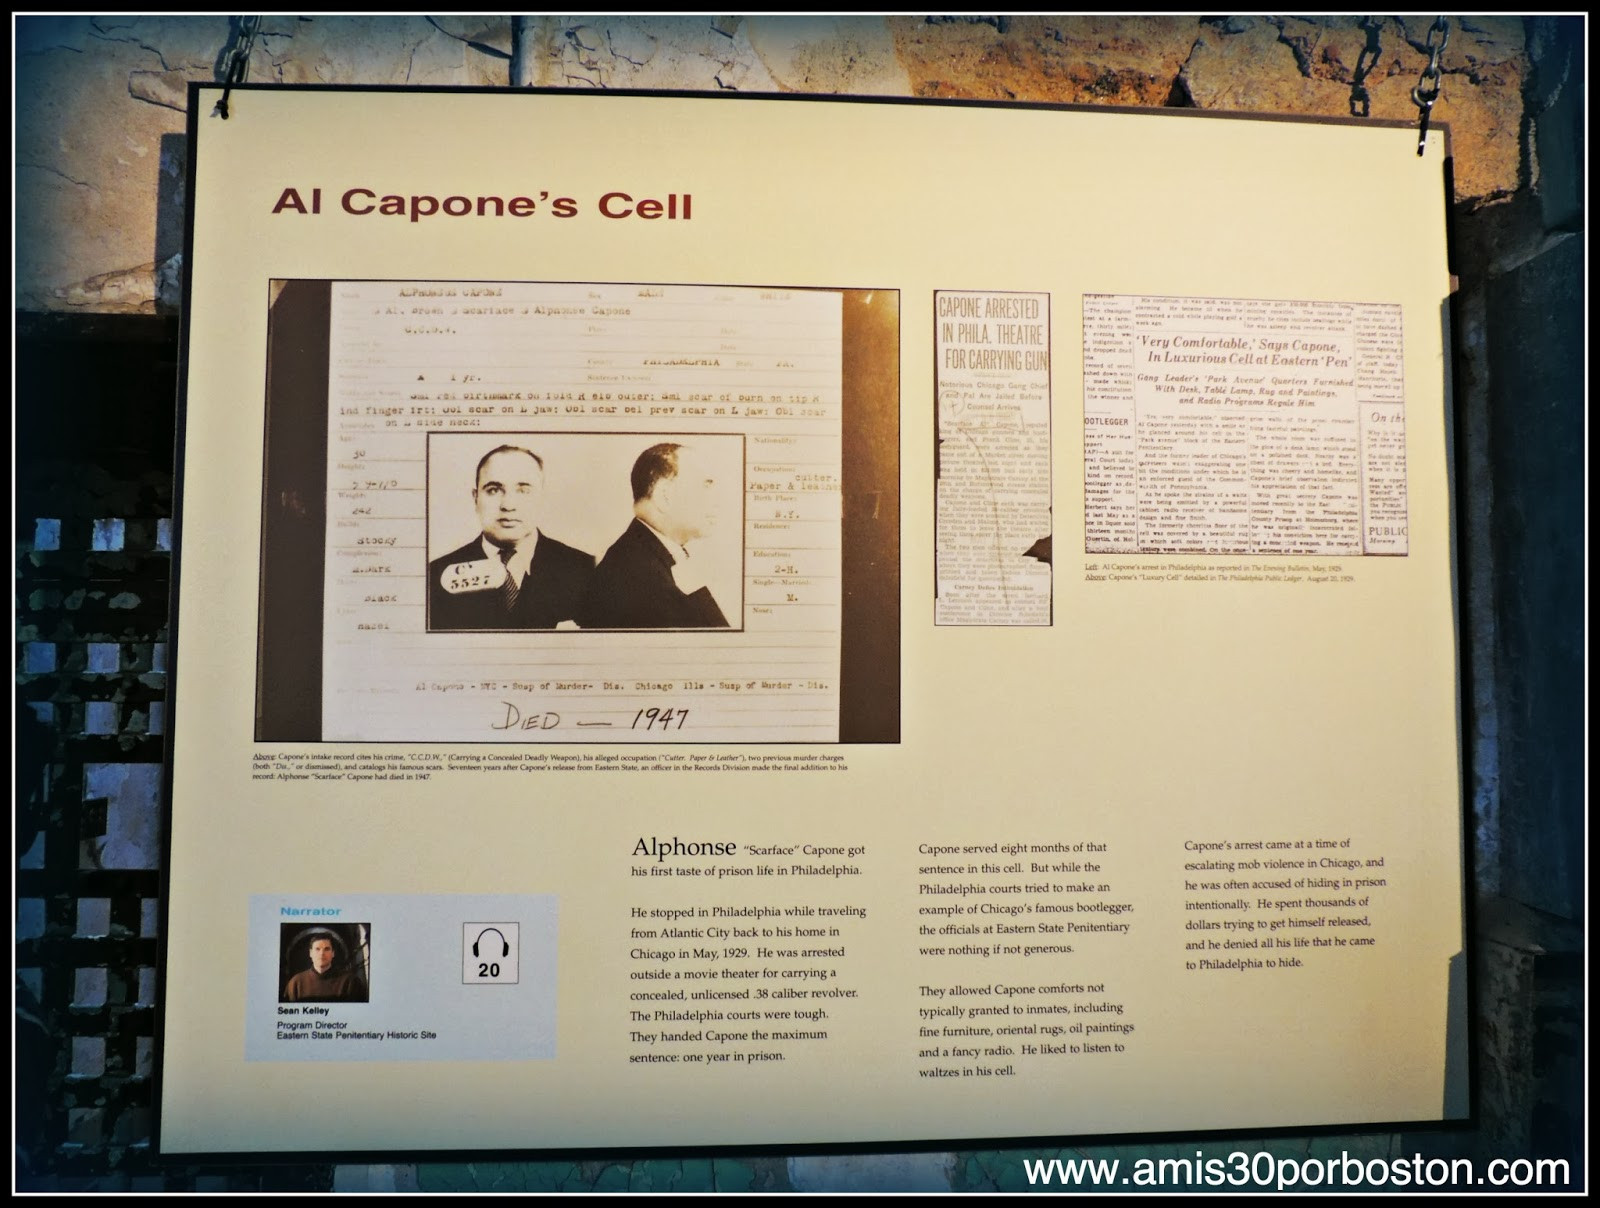 Celda de Al Capone